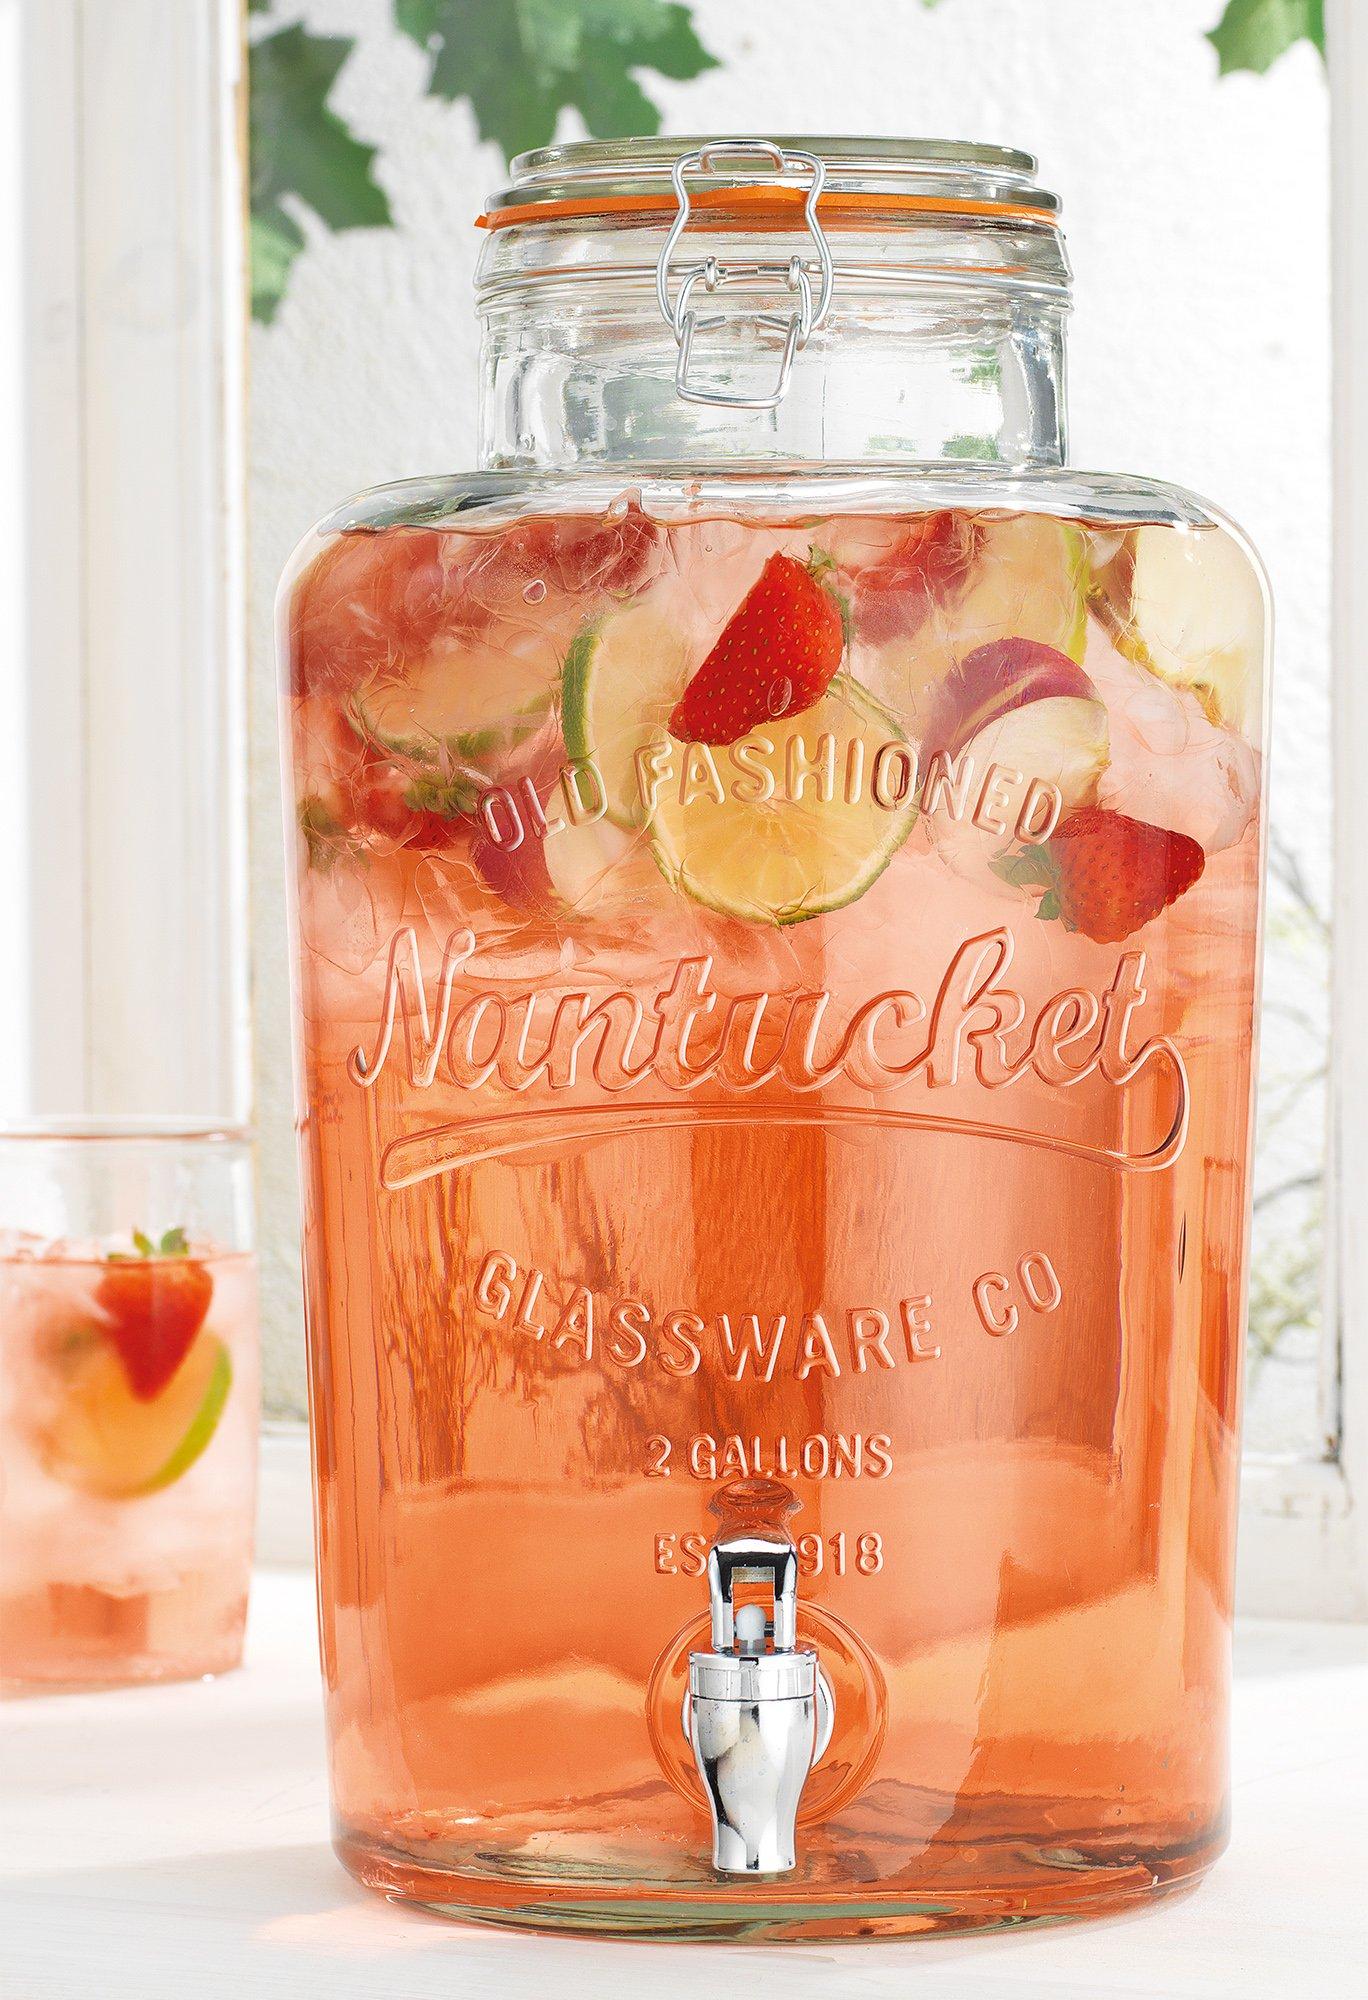 Home Essentials 2 Gallon Nantucket Drink Dispenser